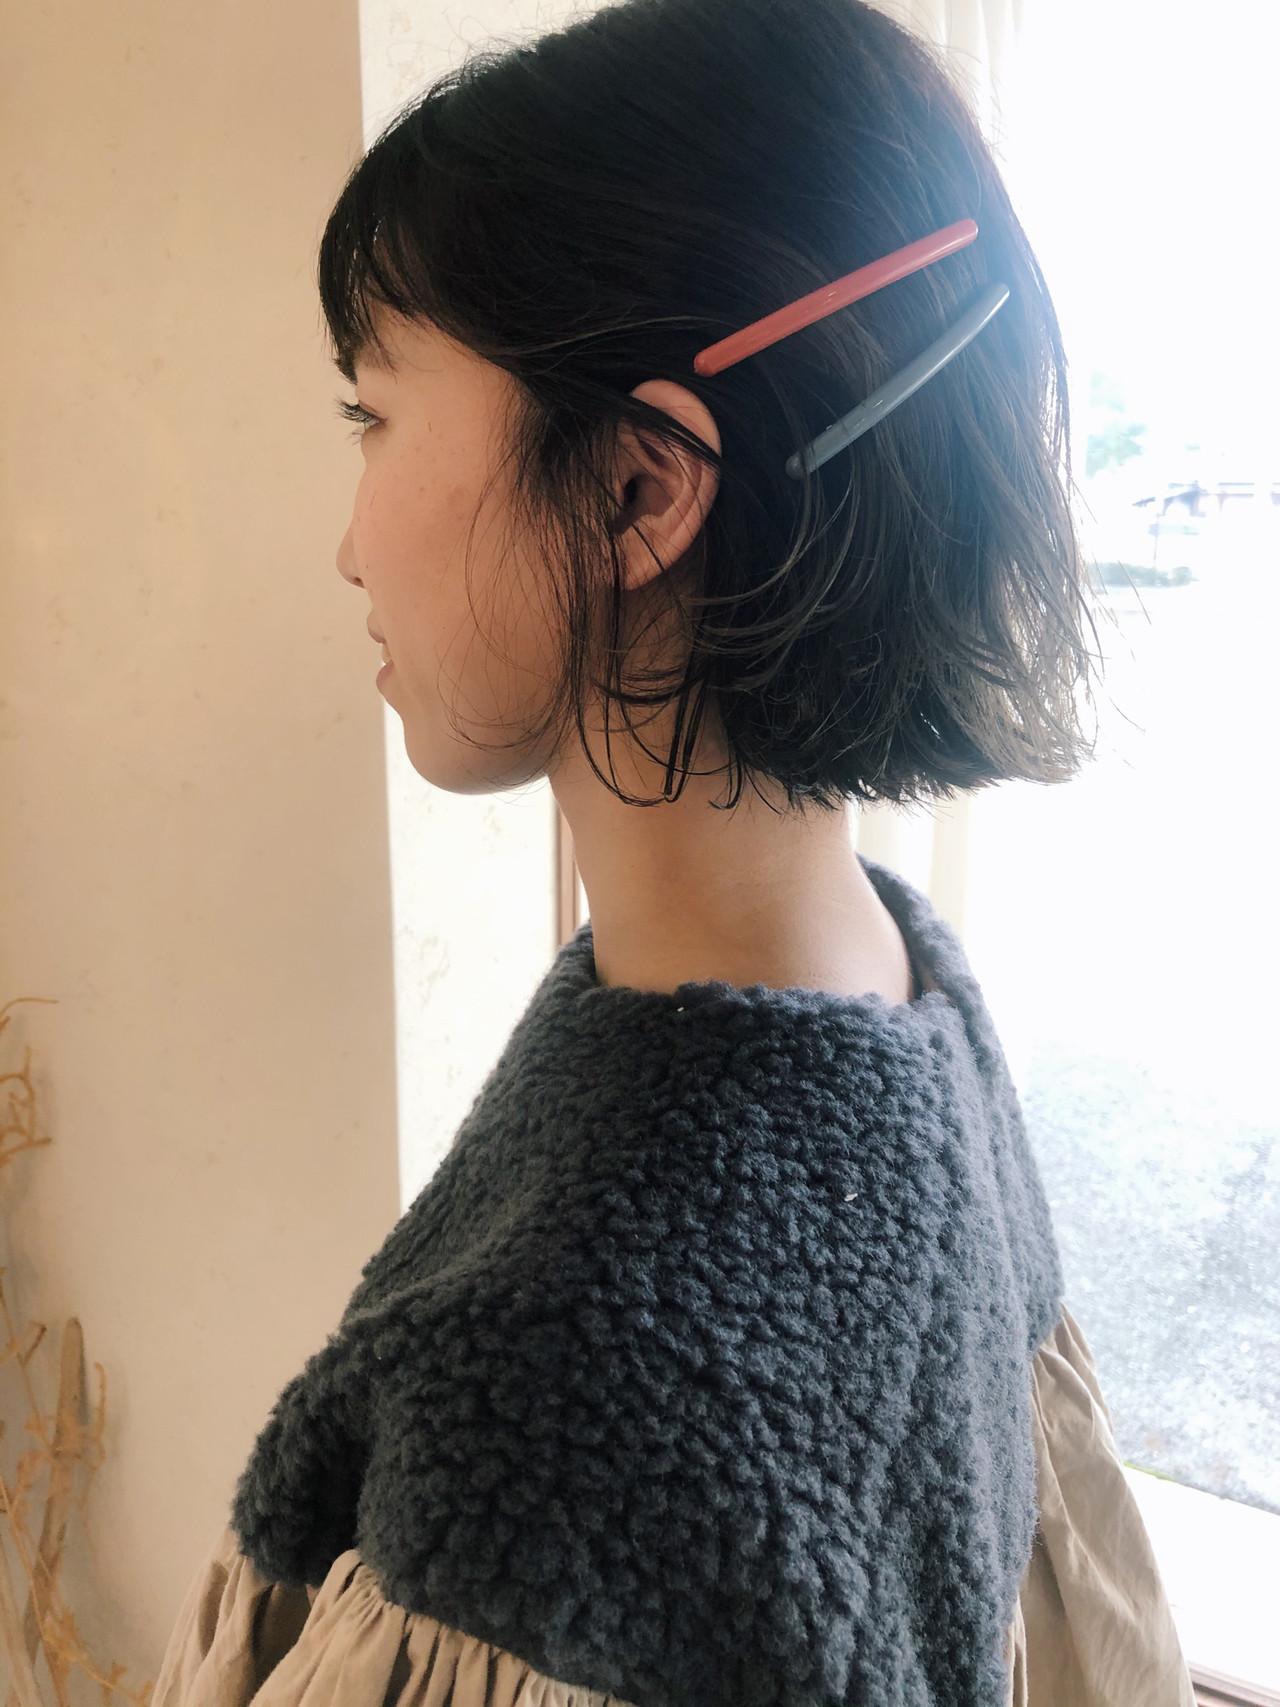 ヘアアレンジ ナチュラル ボブ ミニボブ ヘアスタイルや髪型の写真・画像